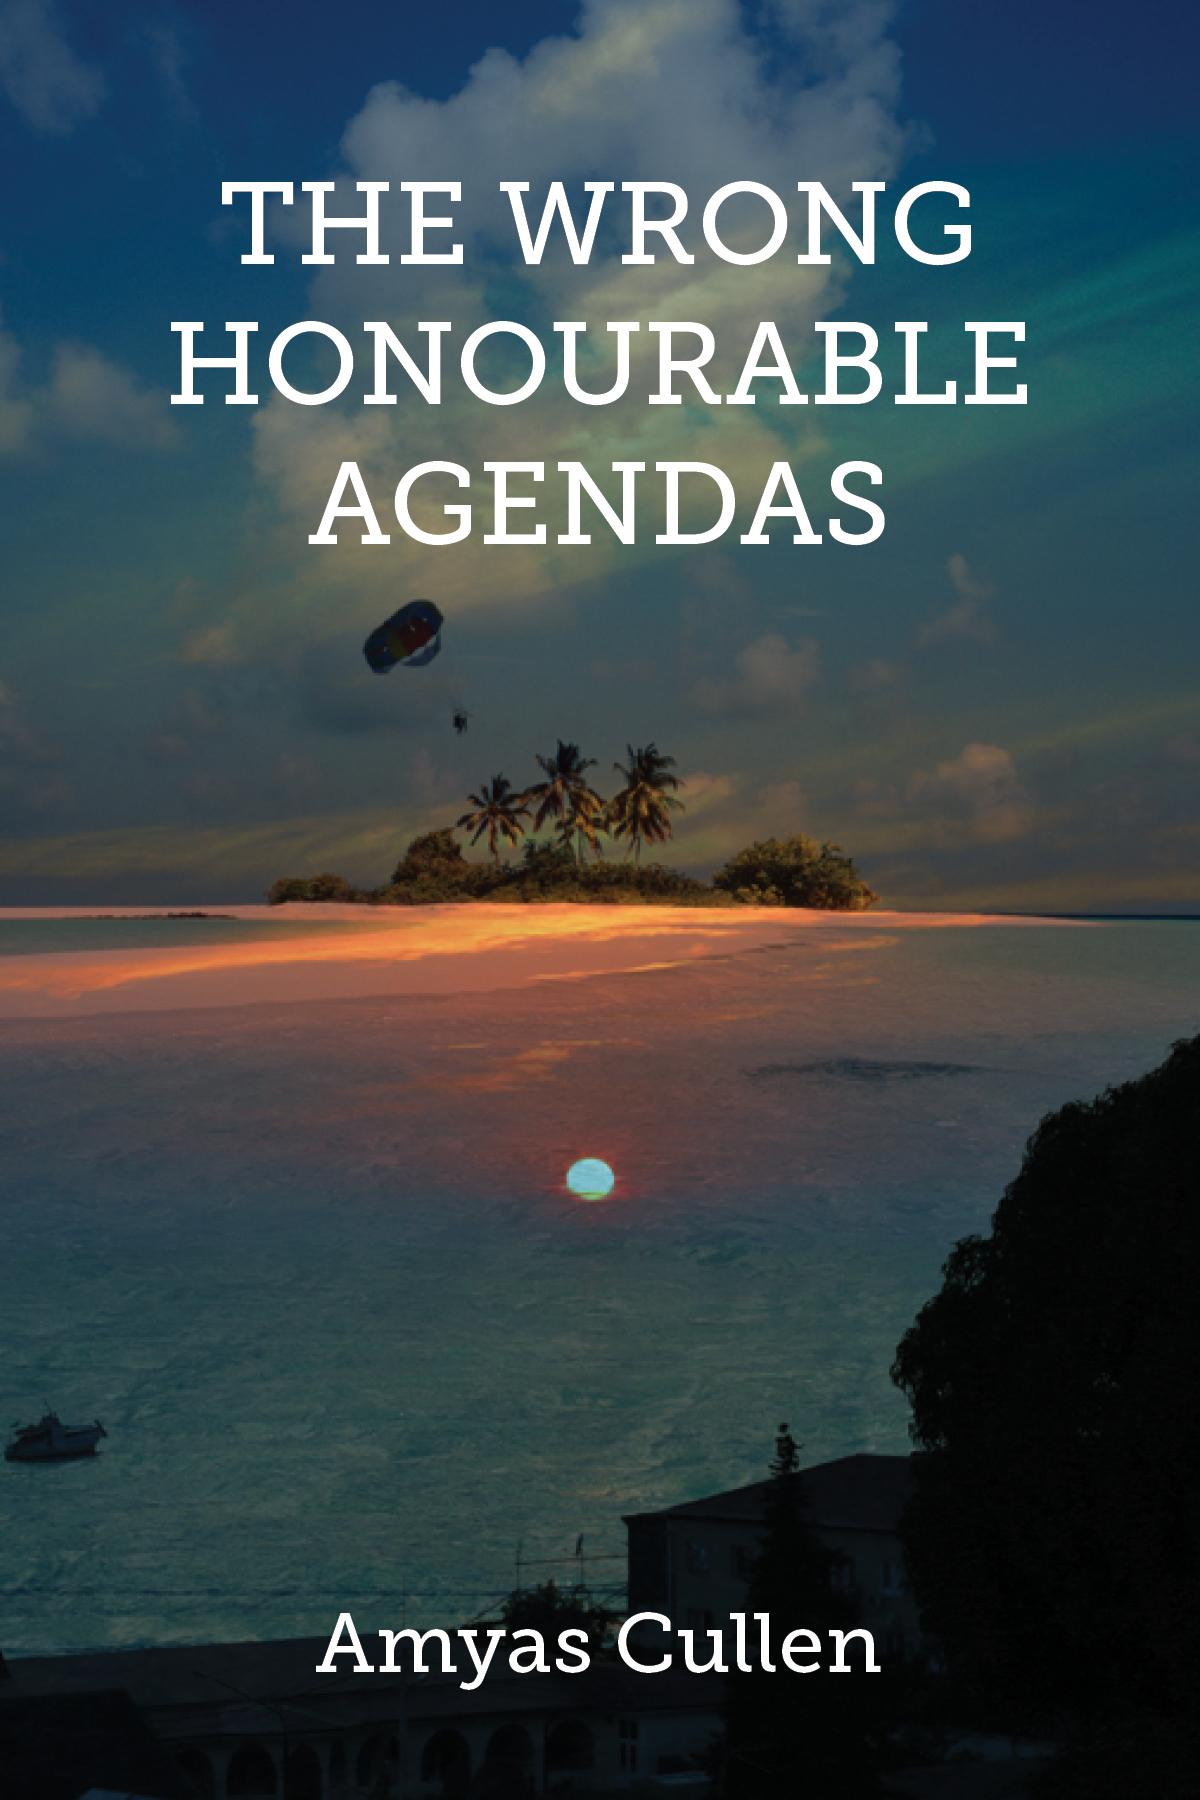 The Wrong Honourable Agendas Amyas Cullen